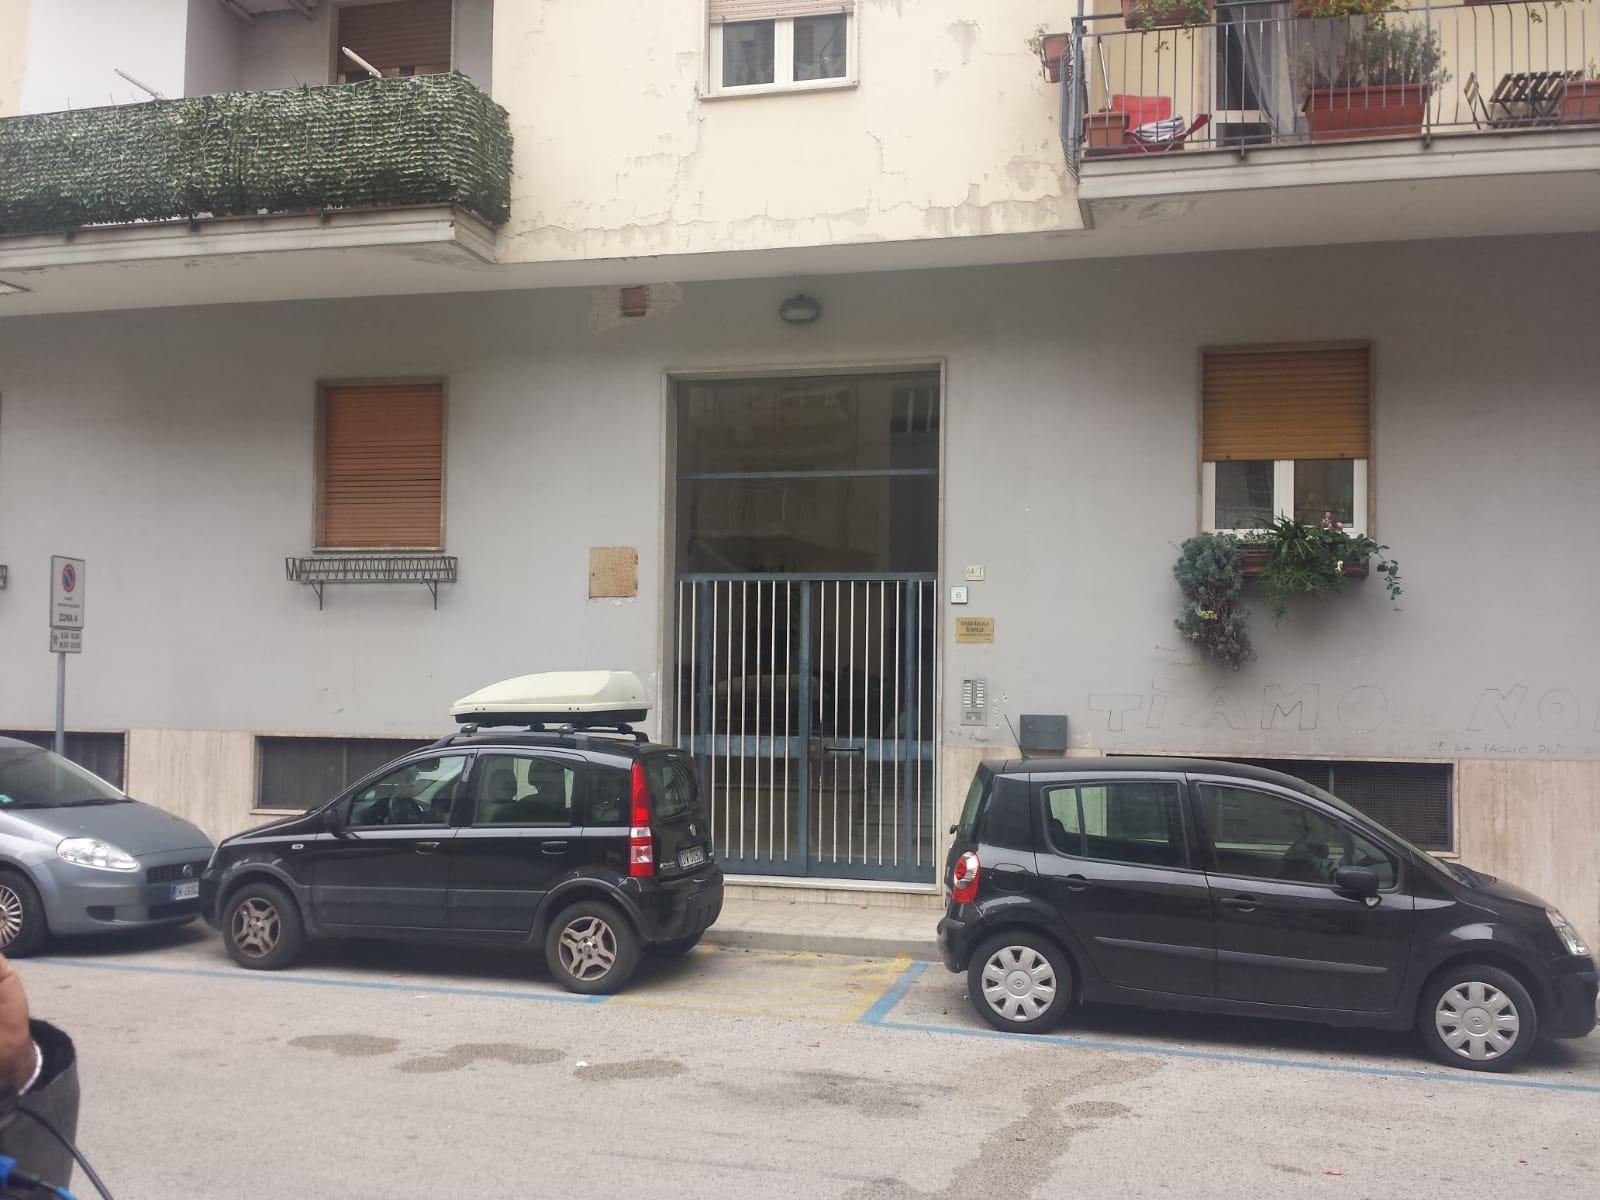 Avellino| Anziano trovato cadavere a via Benigni. Probabile suicidio